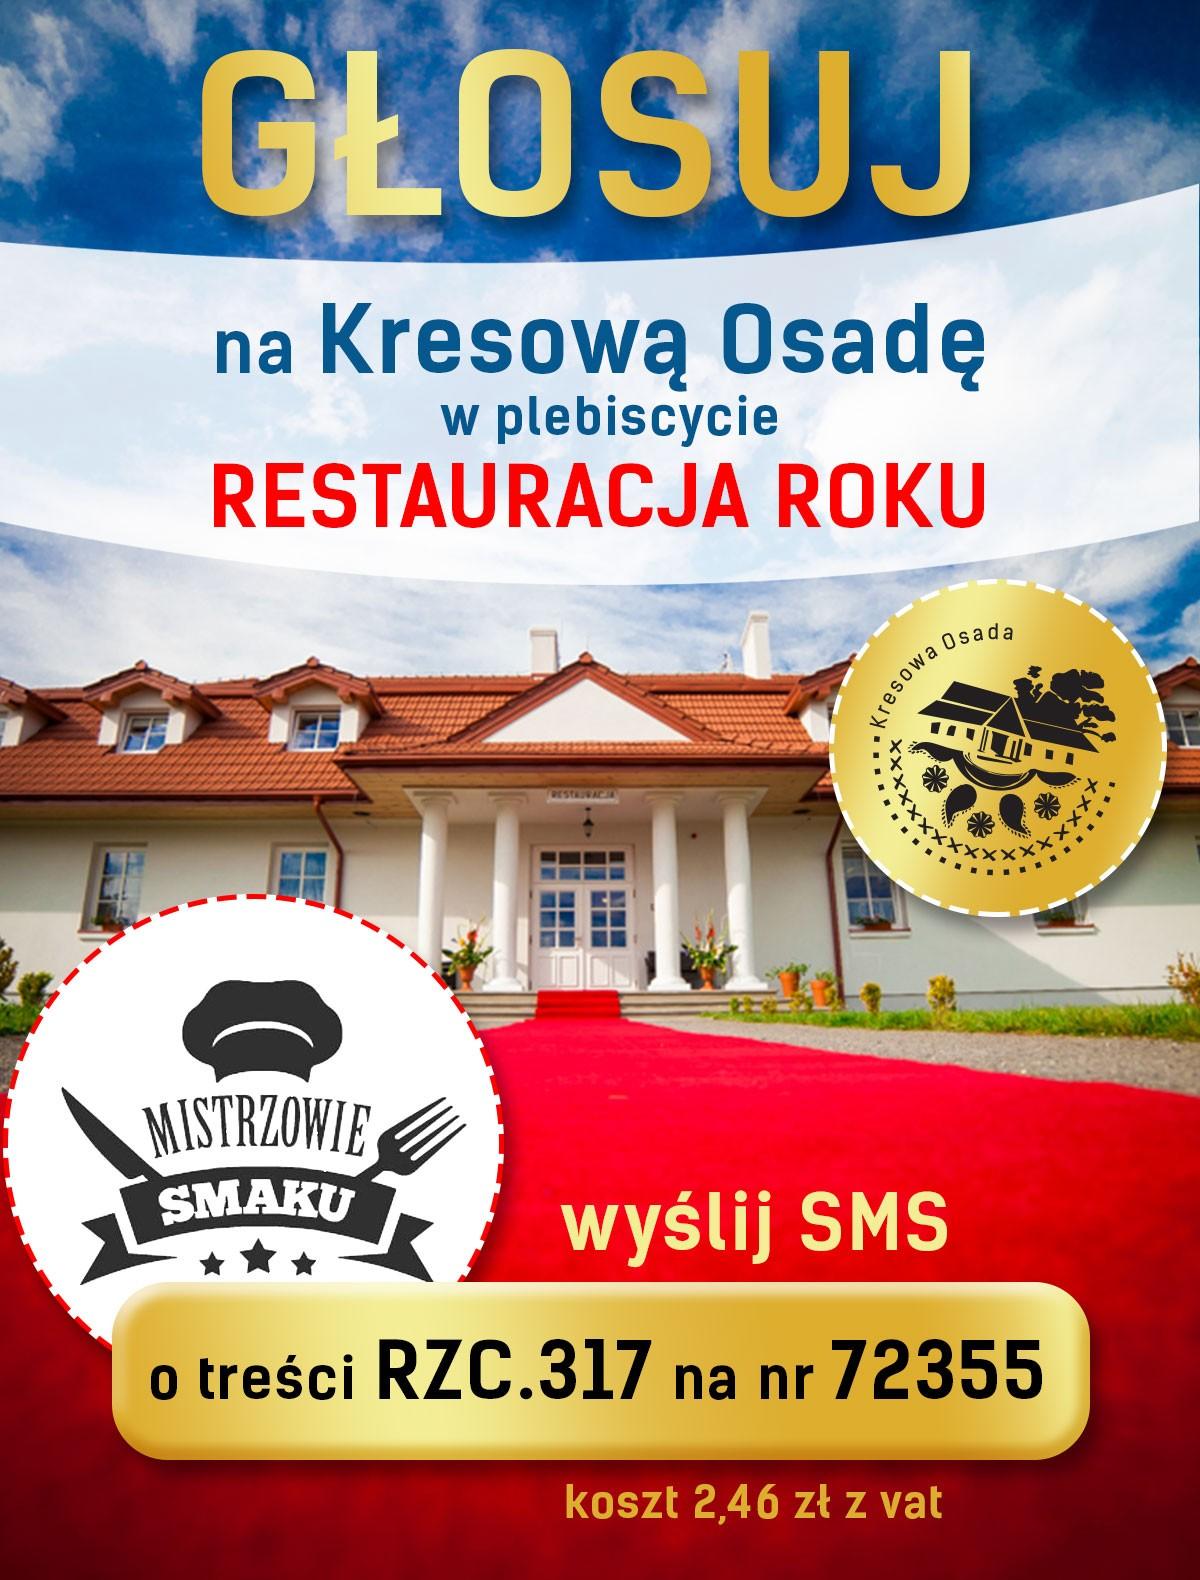 Restauracja Roku 2018